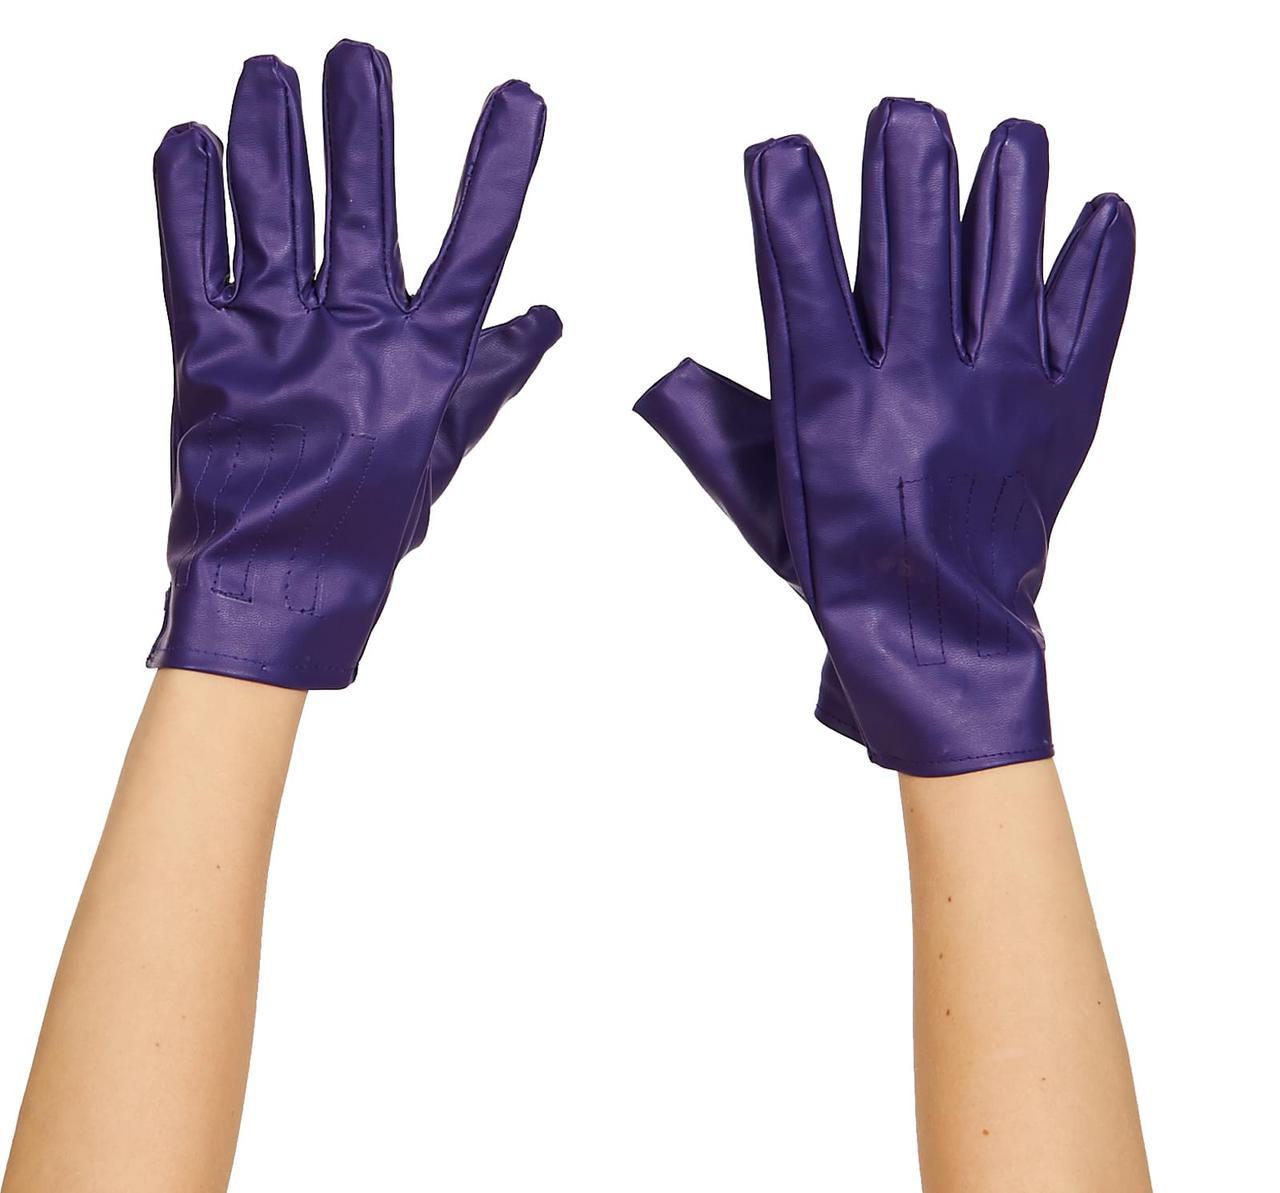 ea27a7f440b4a Batman Dark Knight The Joker Gloves Adult